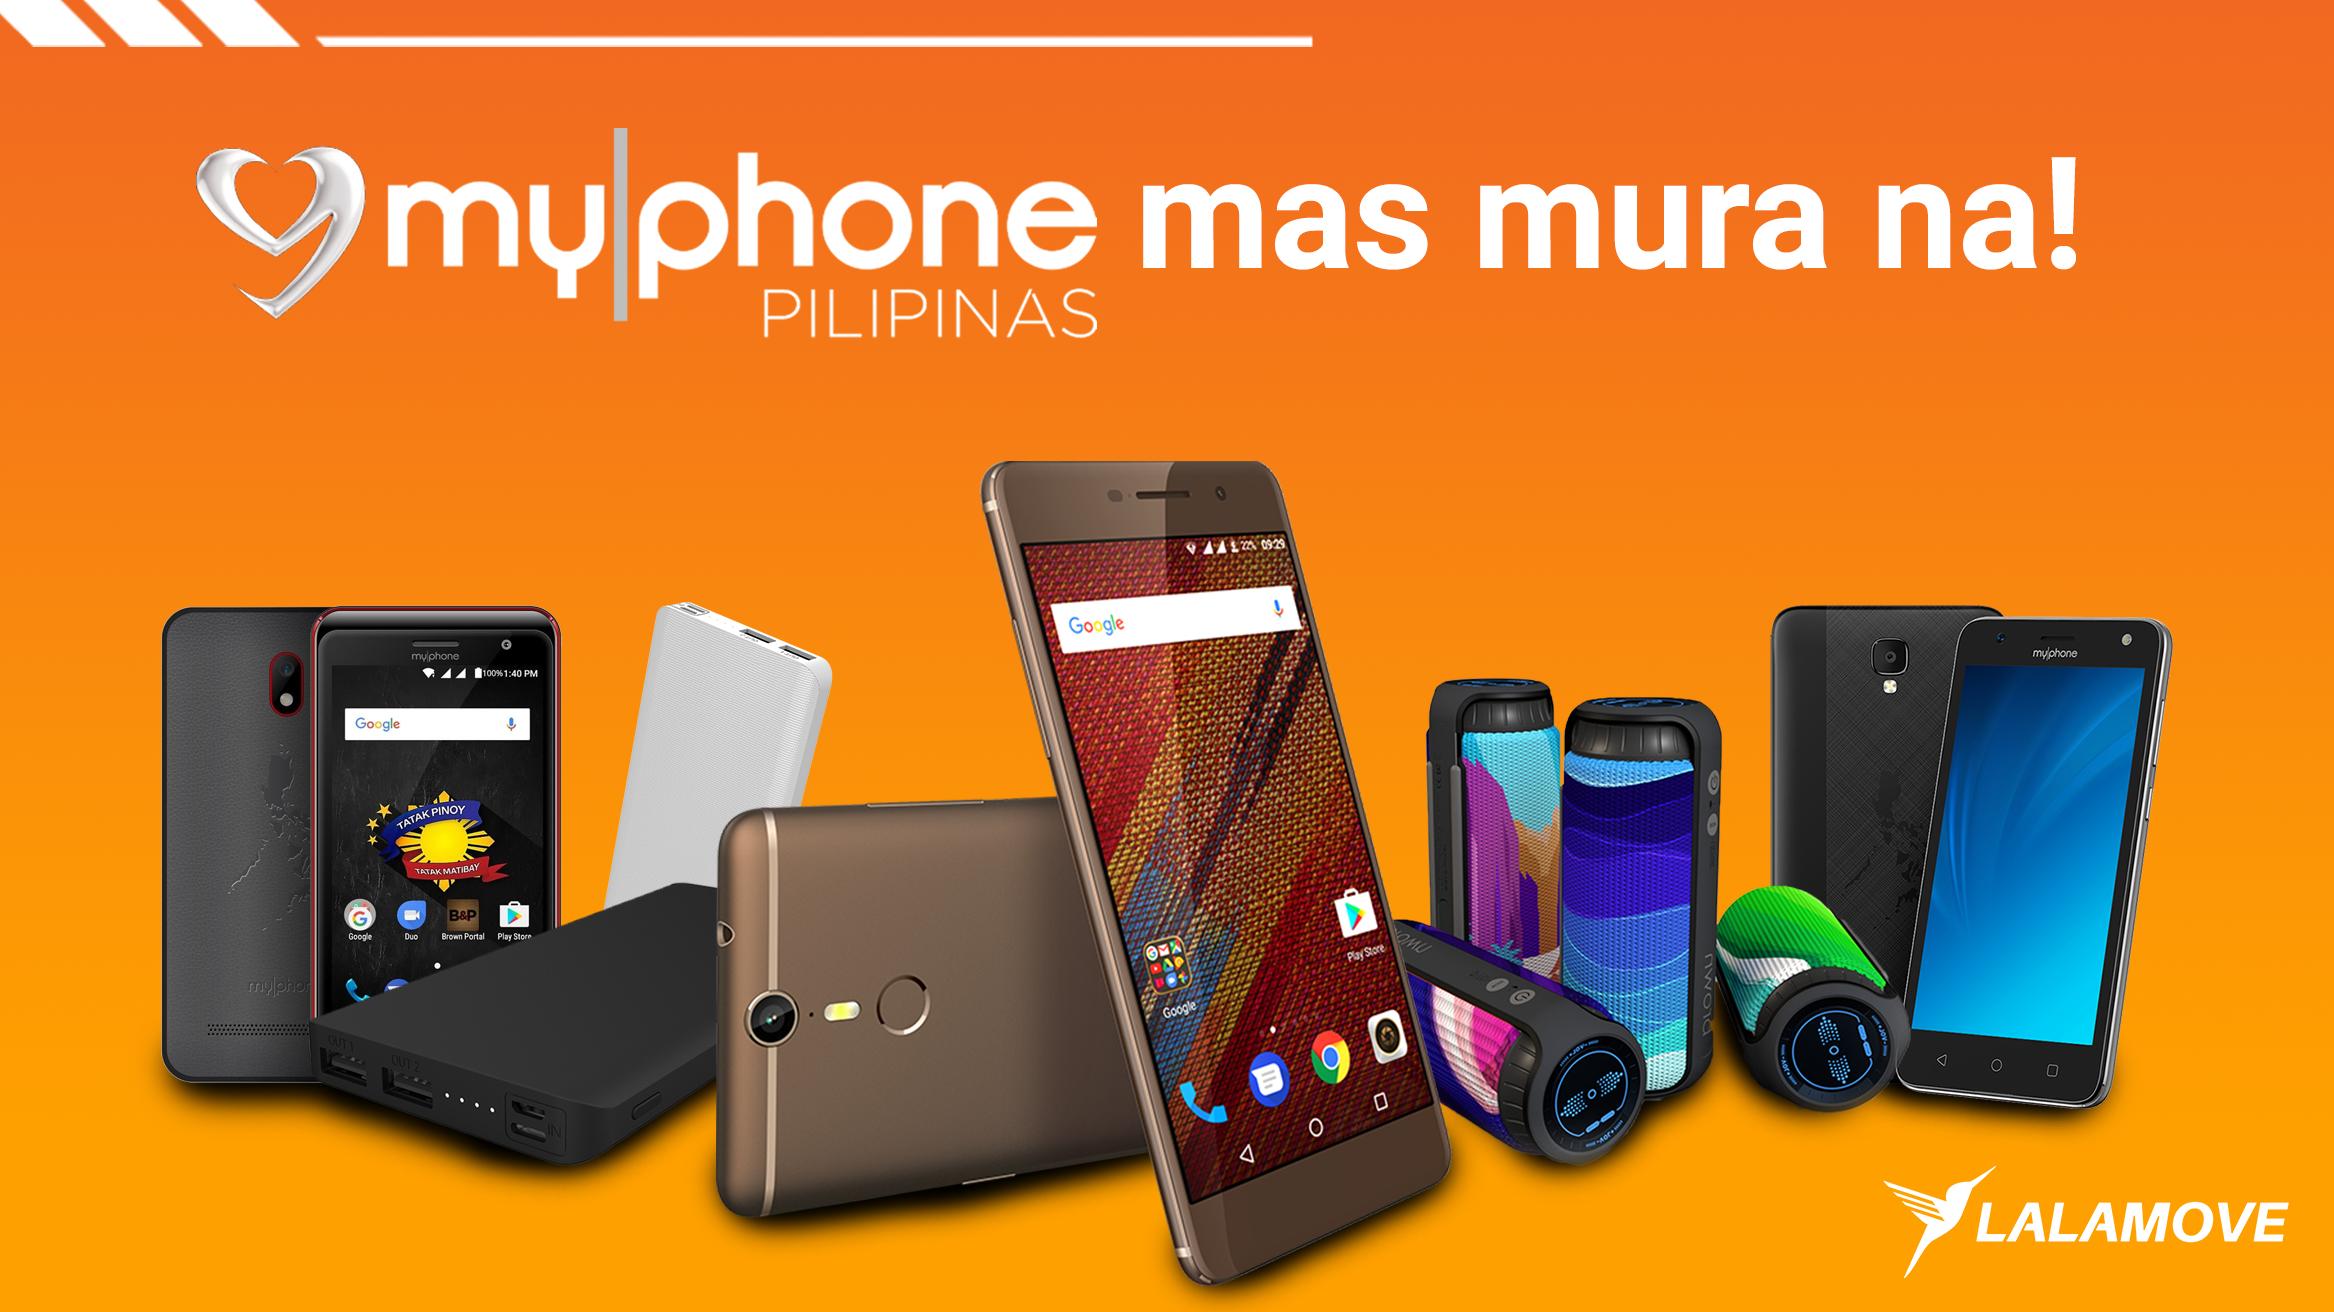 PANALOMOVE: Hanggang 40% discount sa MyPhone products para sa mga Lalamove Partner Driver